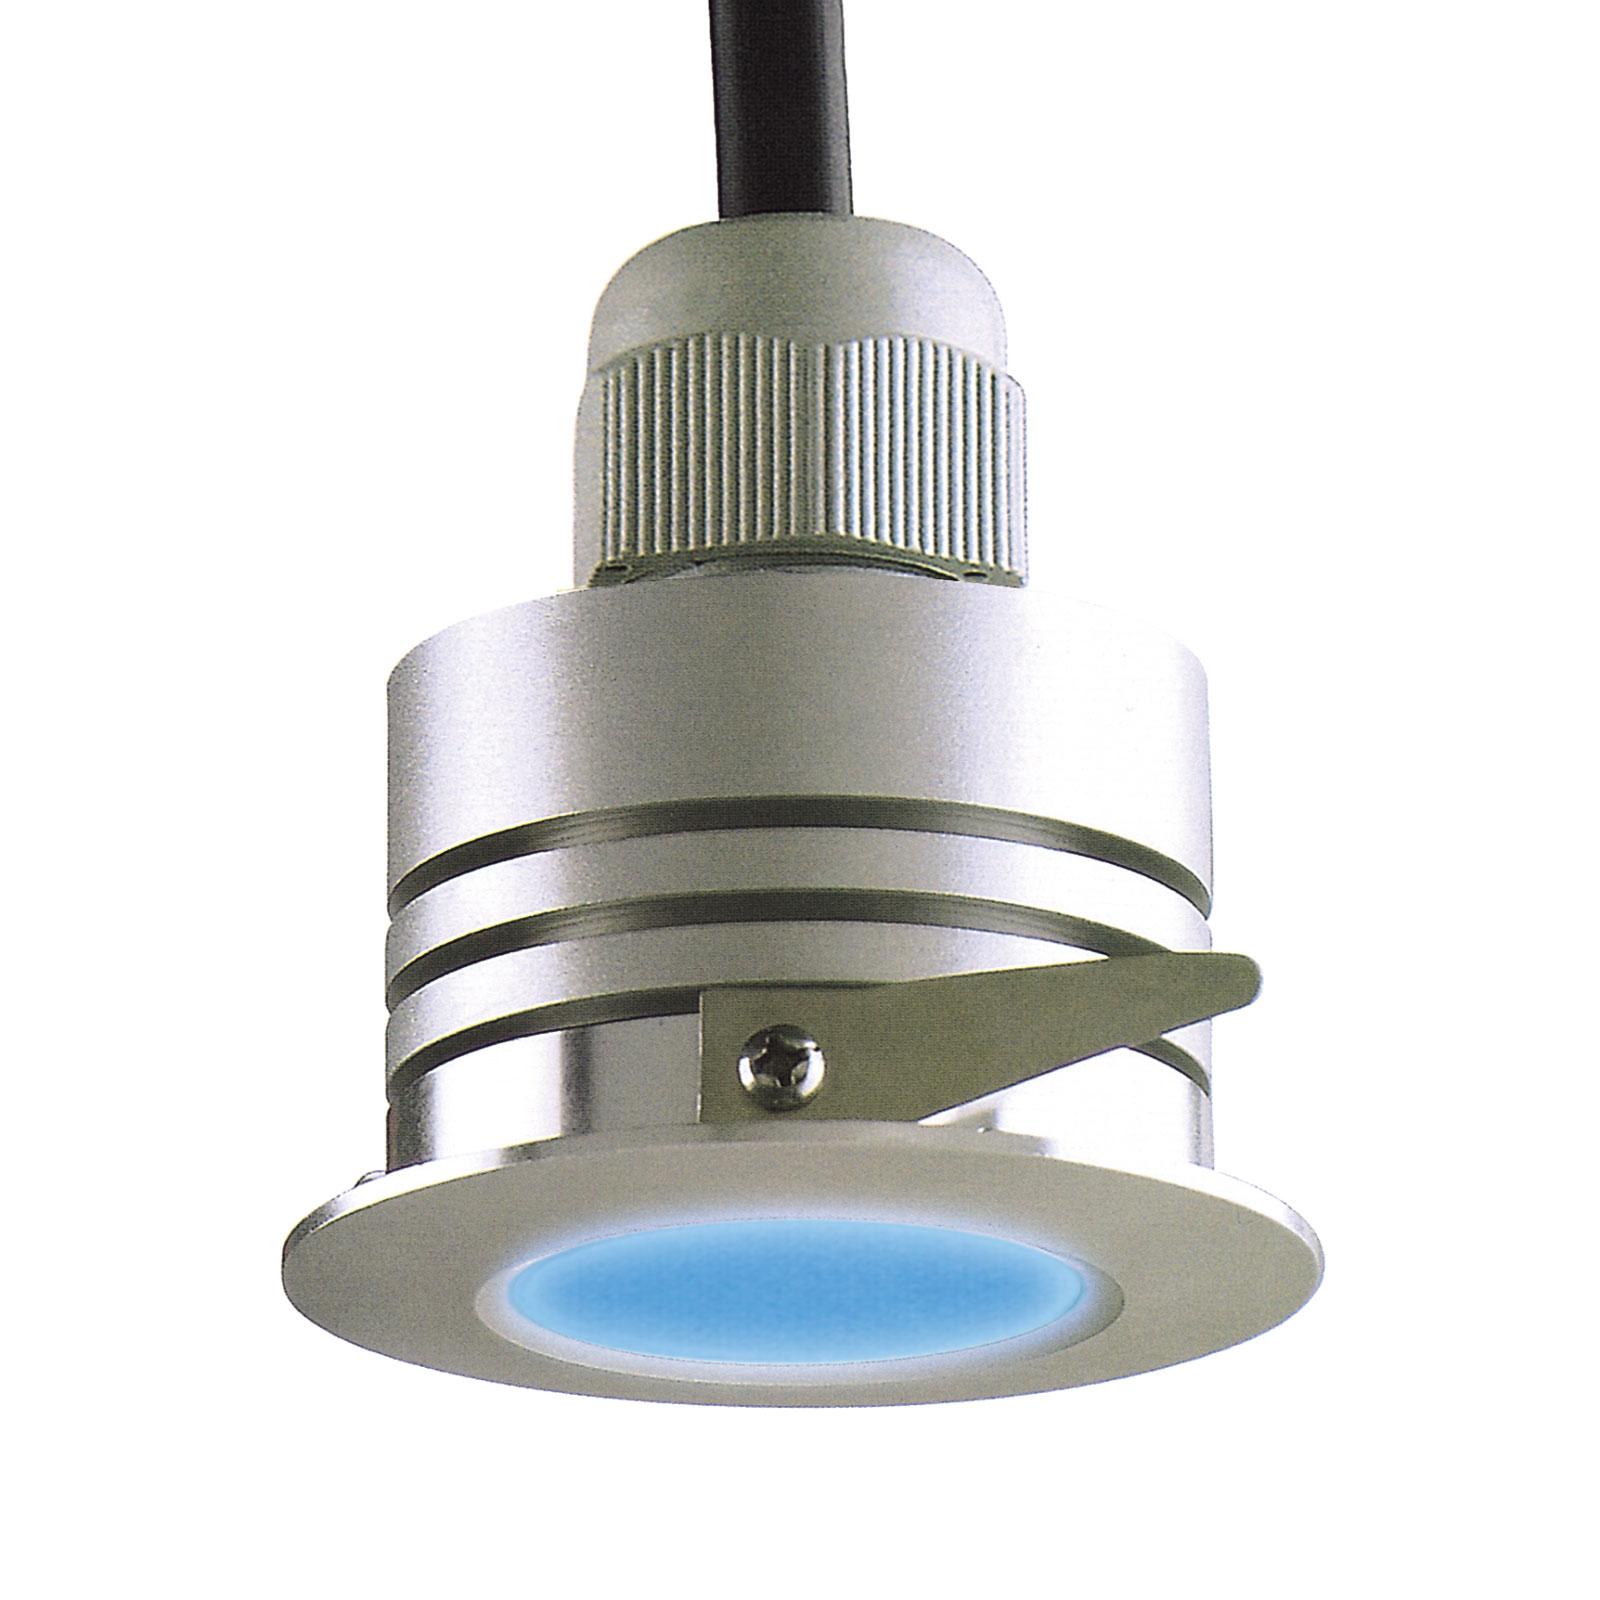 Foco empotrado LED Prato gradiente de color